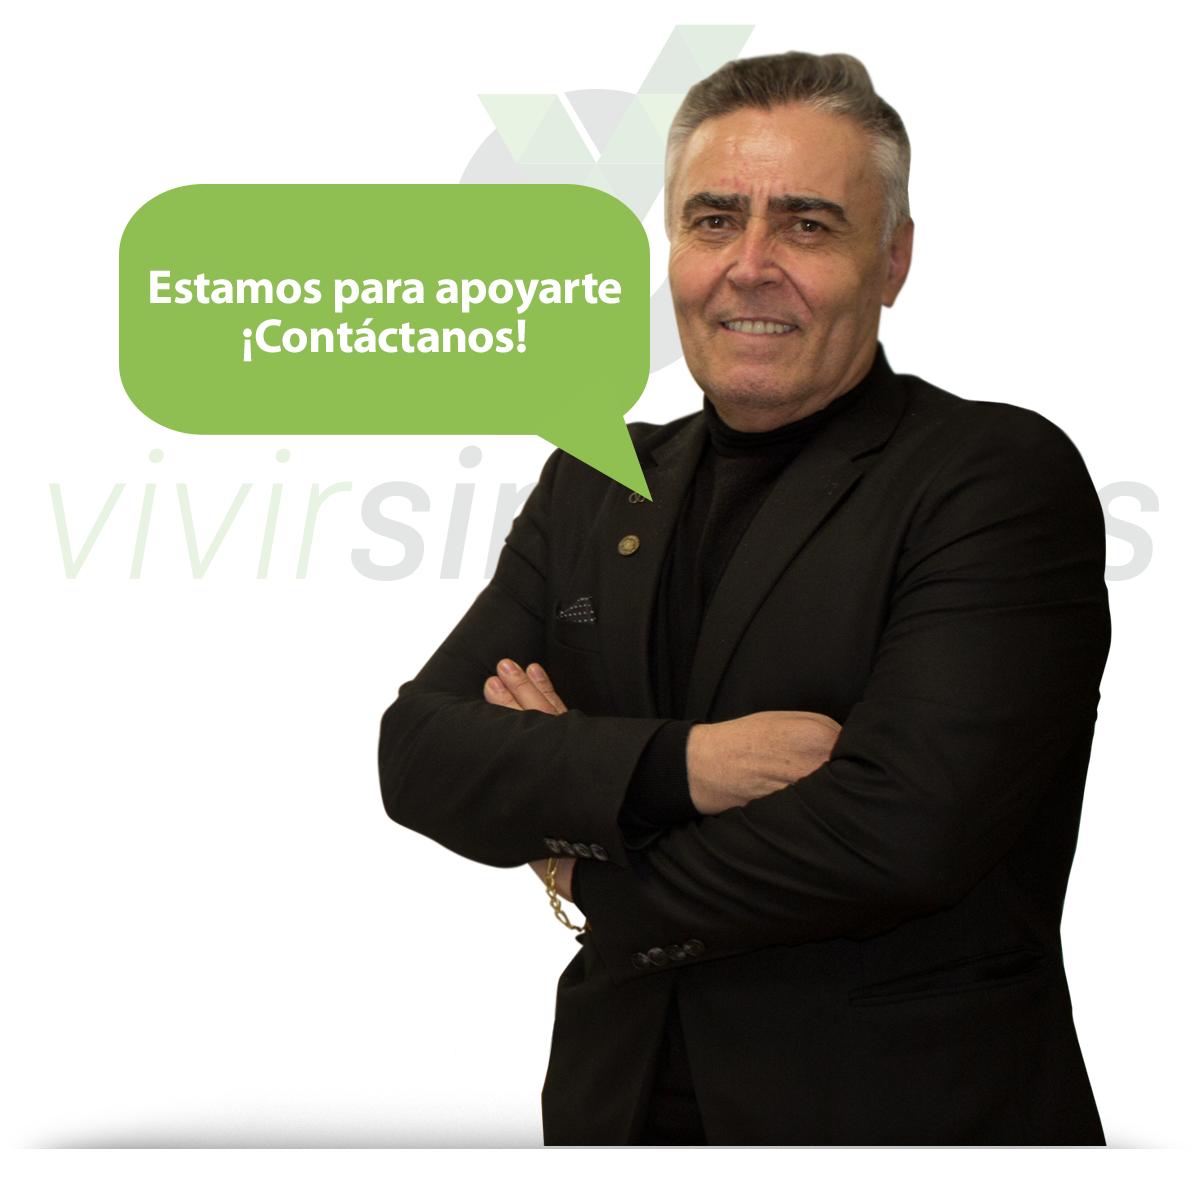 banner 5 vsd 27 04 2021 contactanos